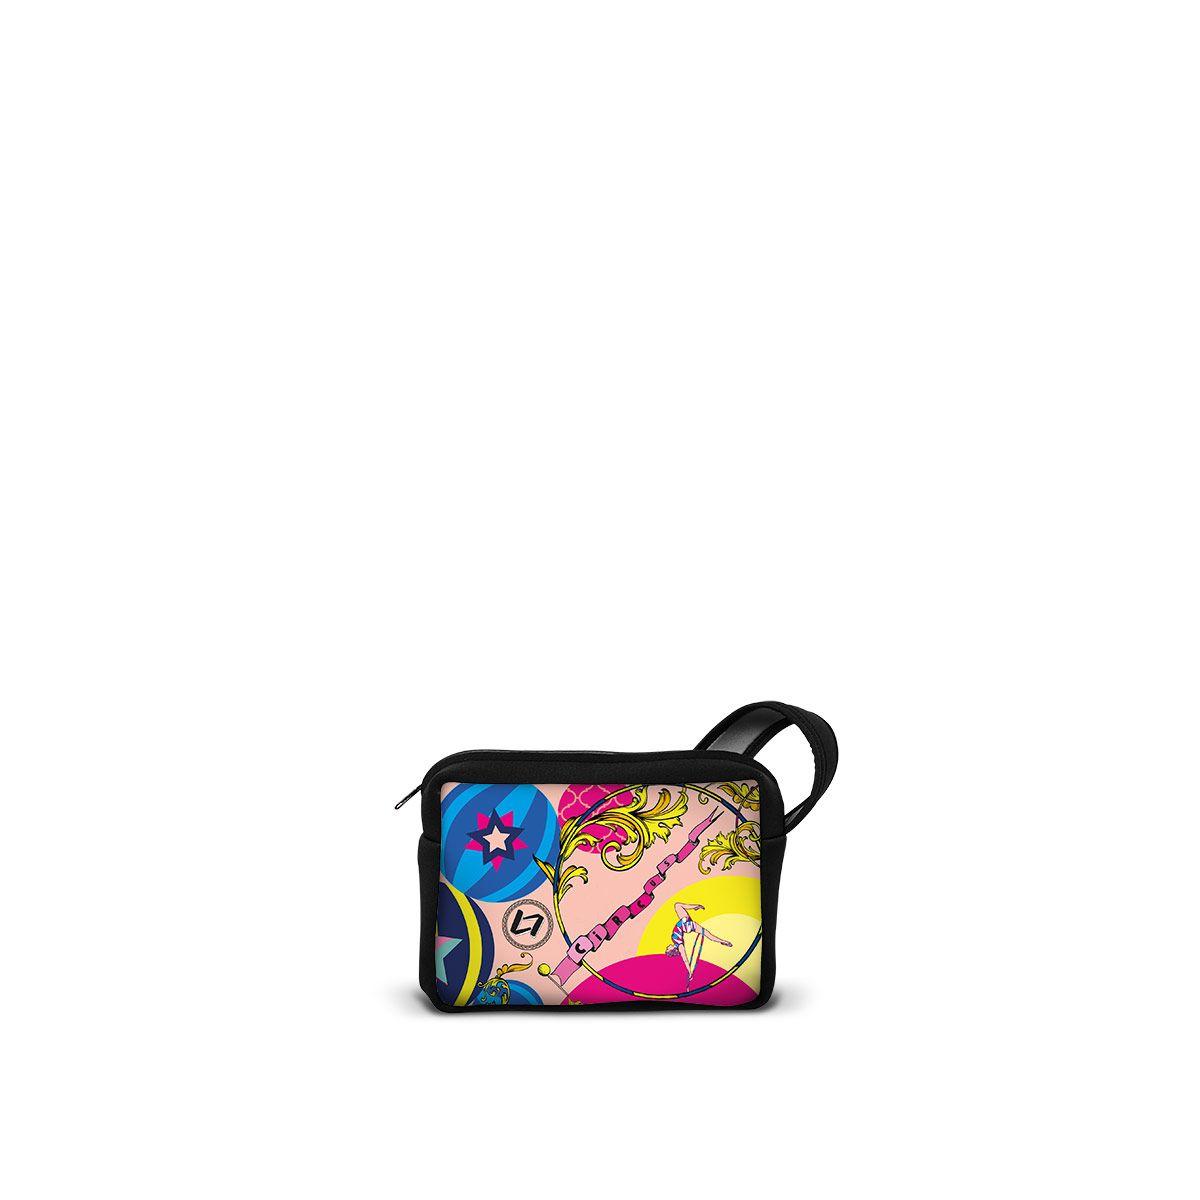 NEOPB-CI-C2 - Pochette in neoprene con zip, formato maxi. - una borsa realizzata da LOOMLOOM - made in Italy.